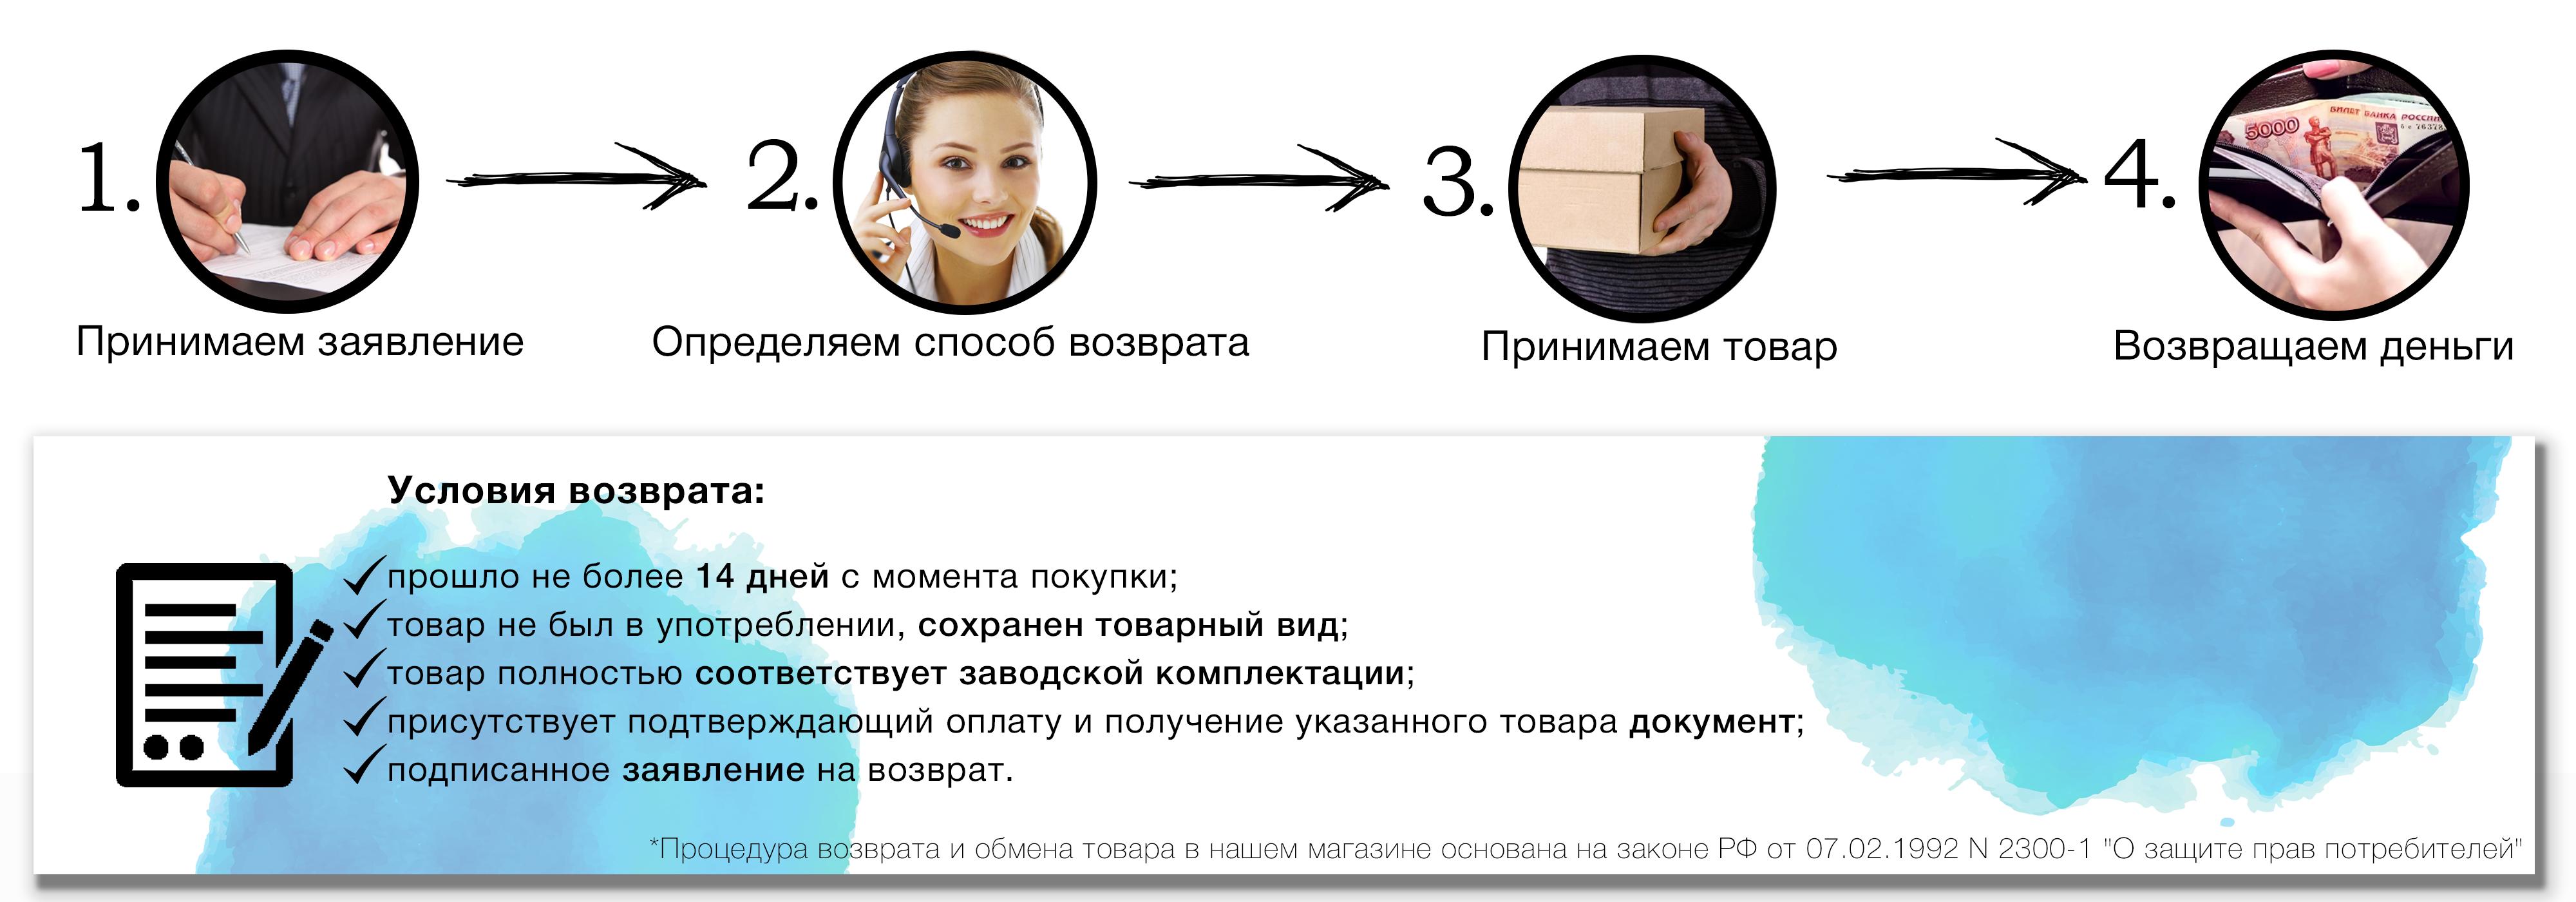 Схема возврата товара в интернет-магазине Автогеография